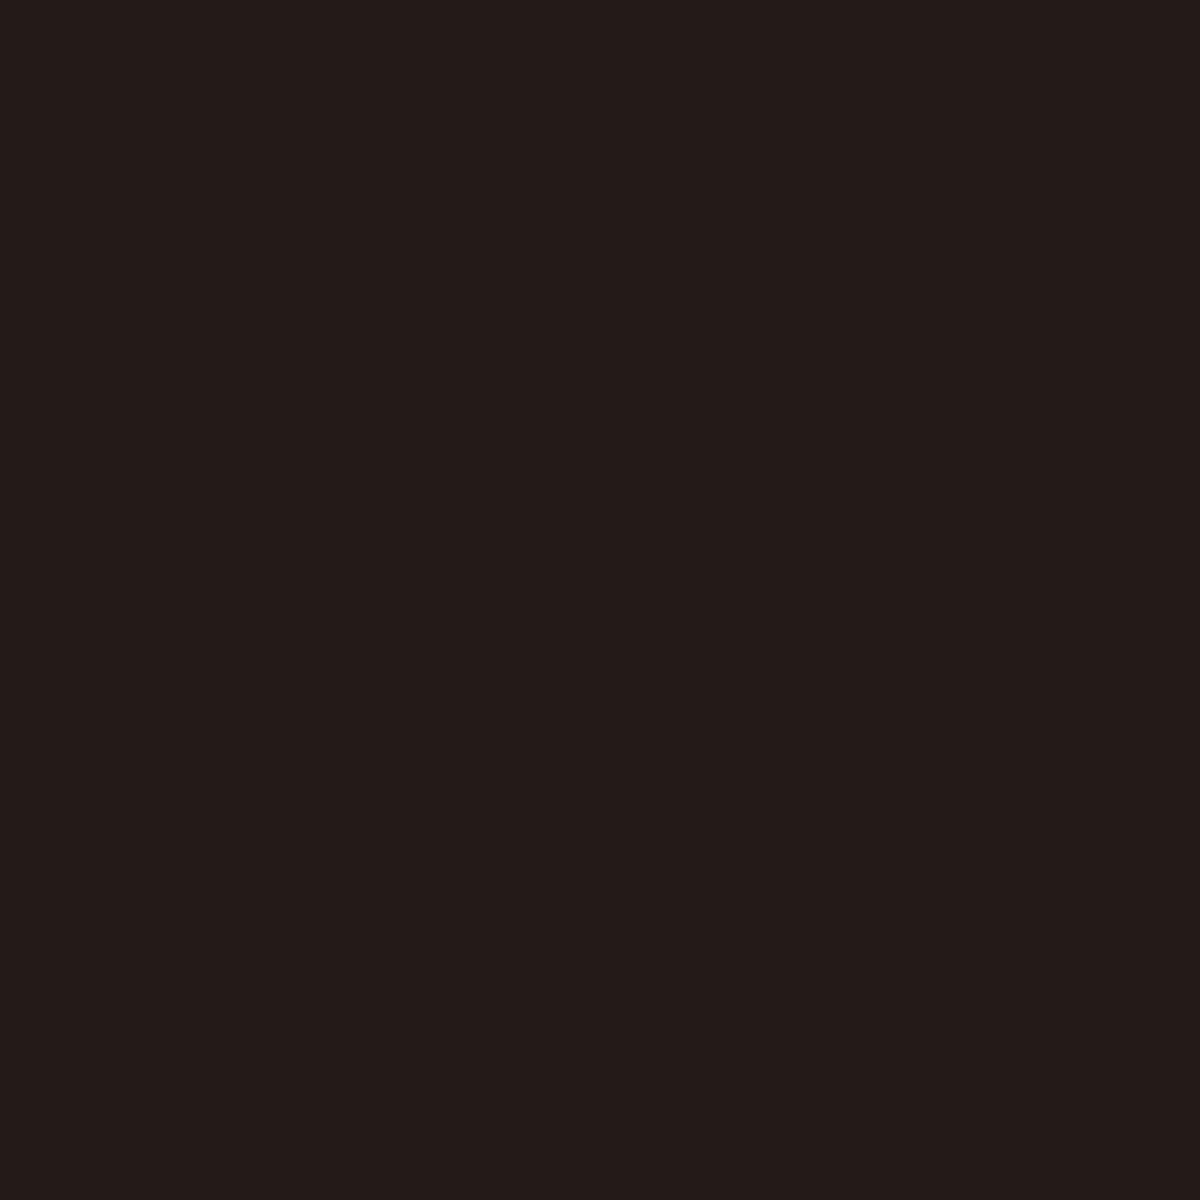 VYTAL SCALP (10ML) - AMIEA VYTAL - PIGMENT BRUN FONCE VYTAL SCALP AMIEA (10 ml)